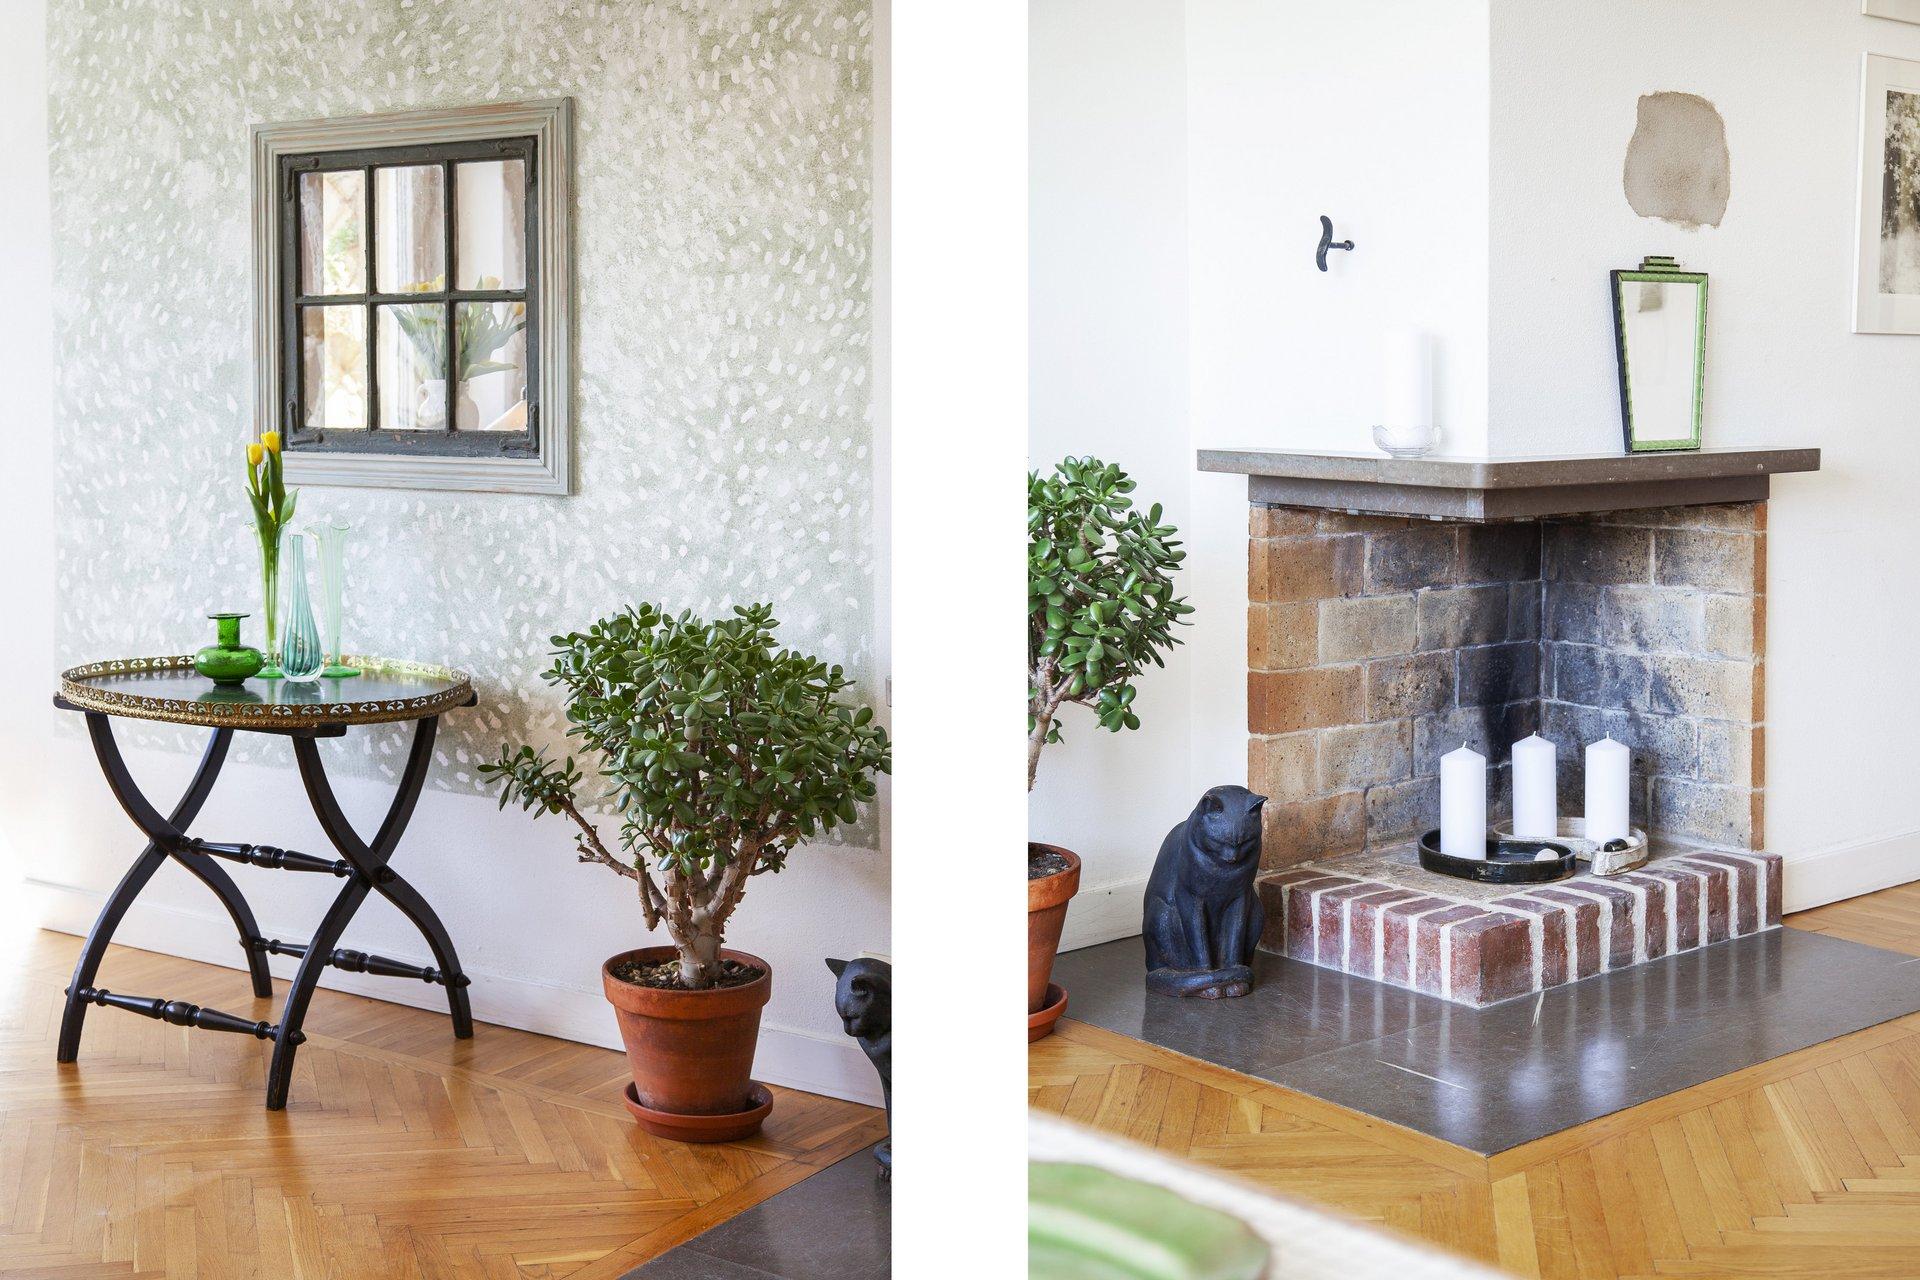 Bildmontage - fönster i vägg mellan kök & vardagsrum samt fungerande öppen spis